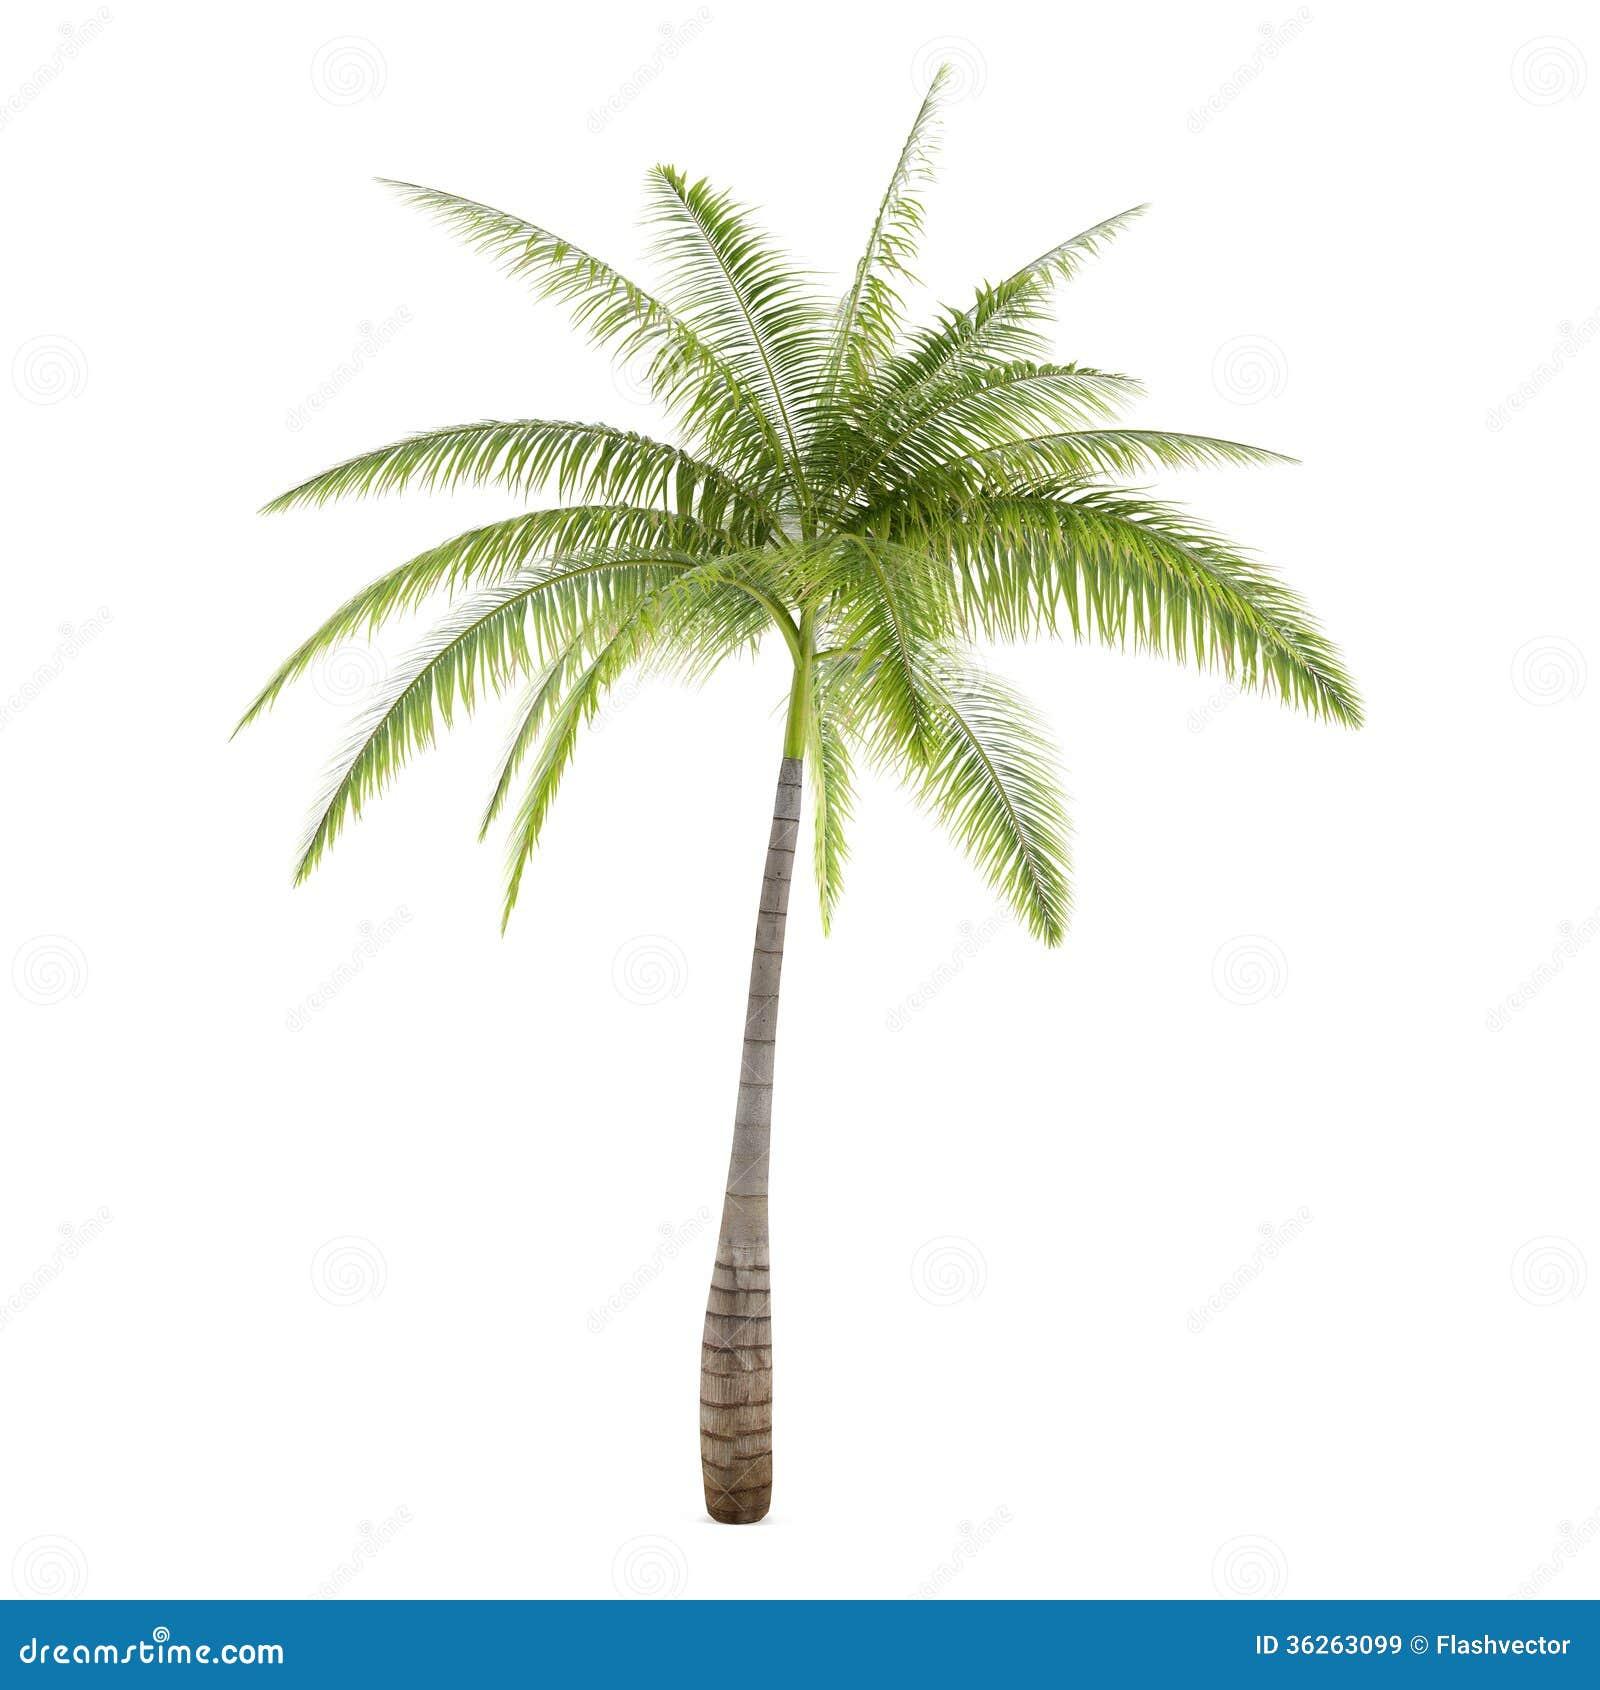 palm tree isolated hyophorbe lagenicaulis royalty free stock